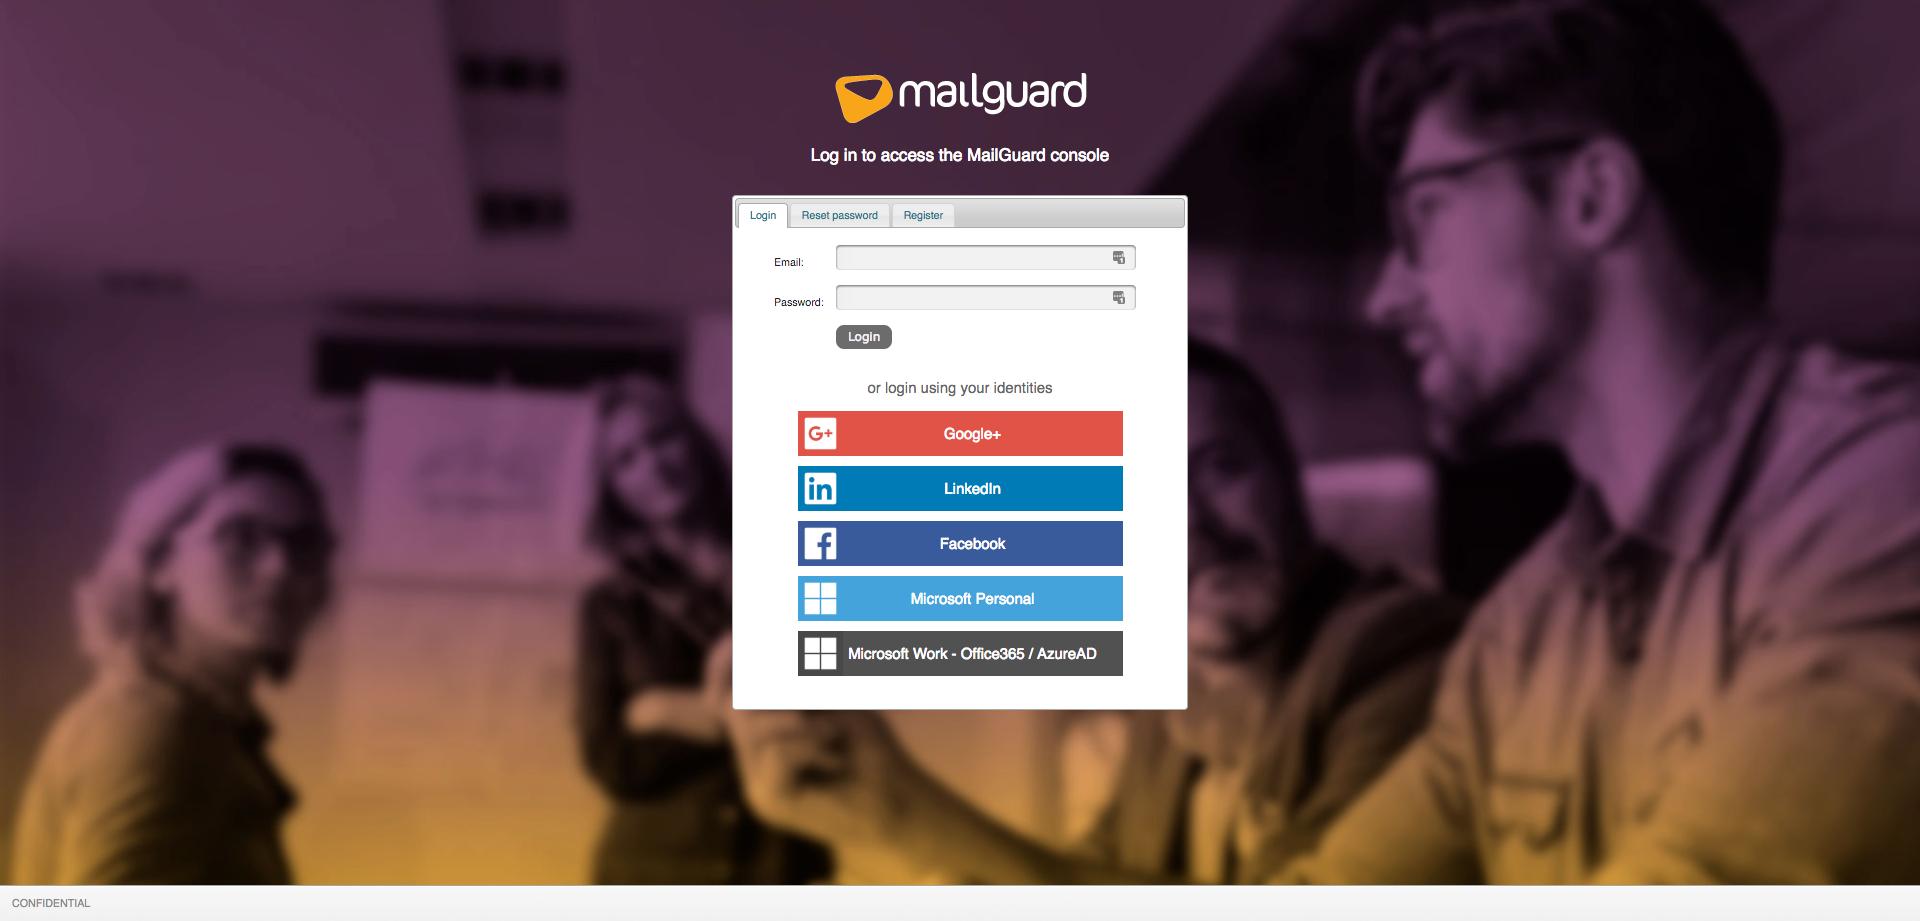 screencapture-console-mailguard